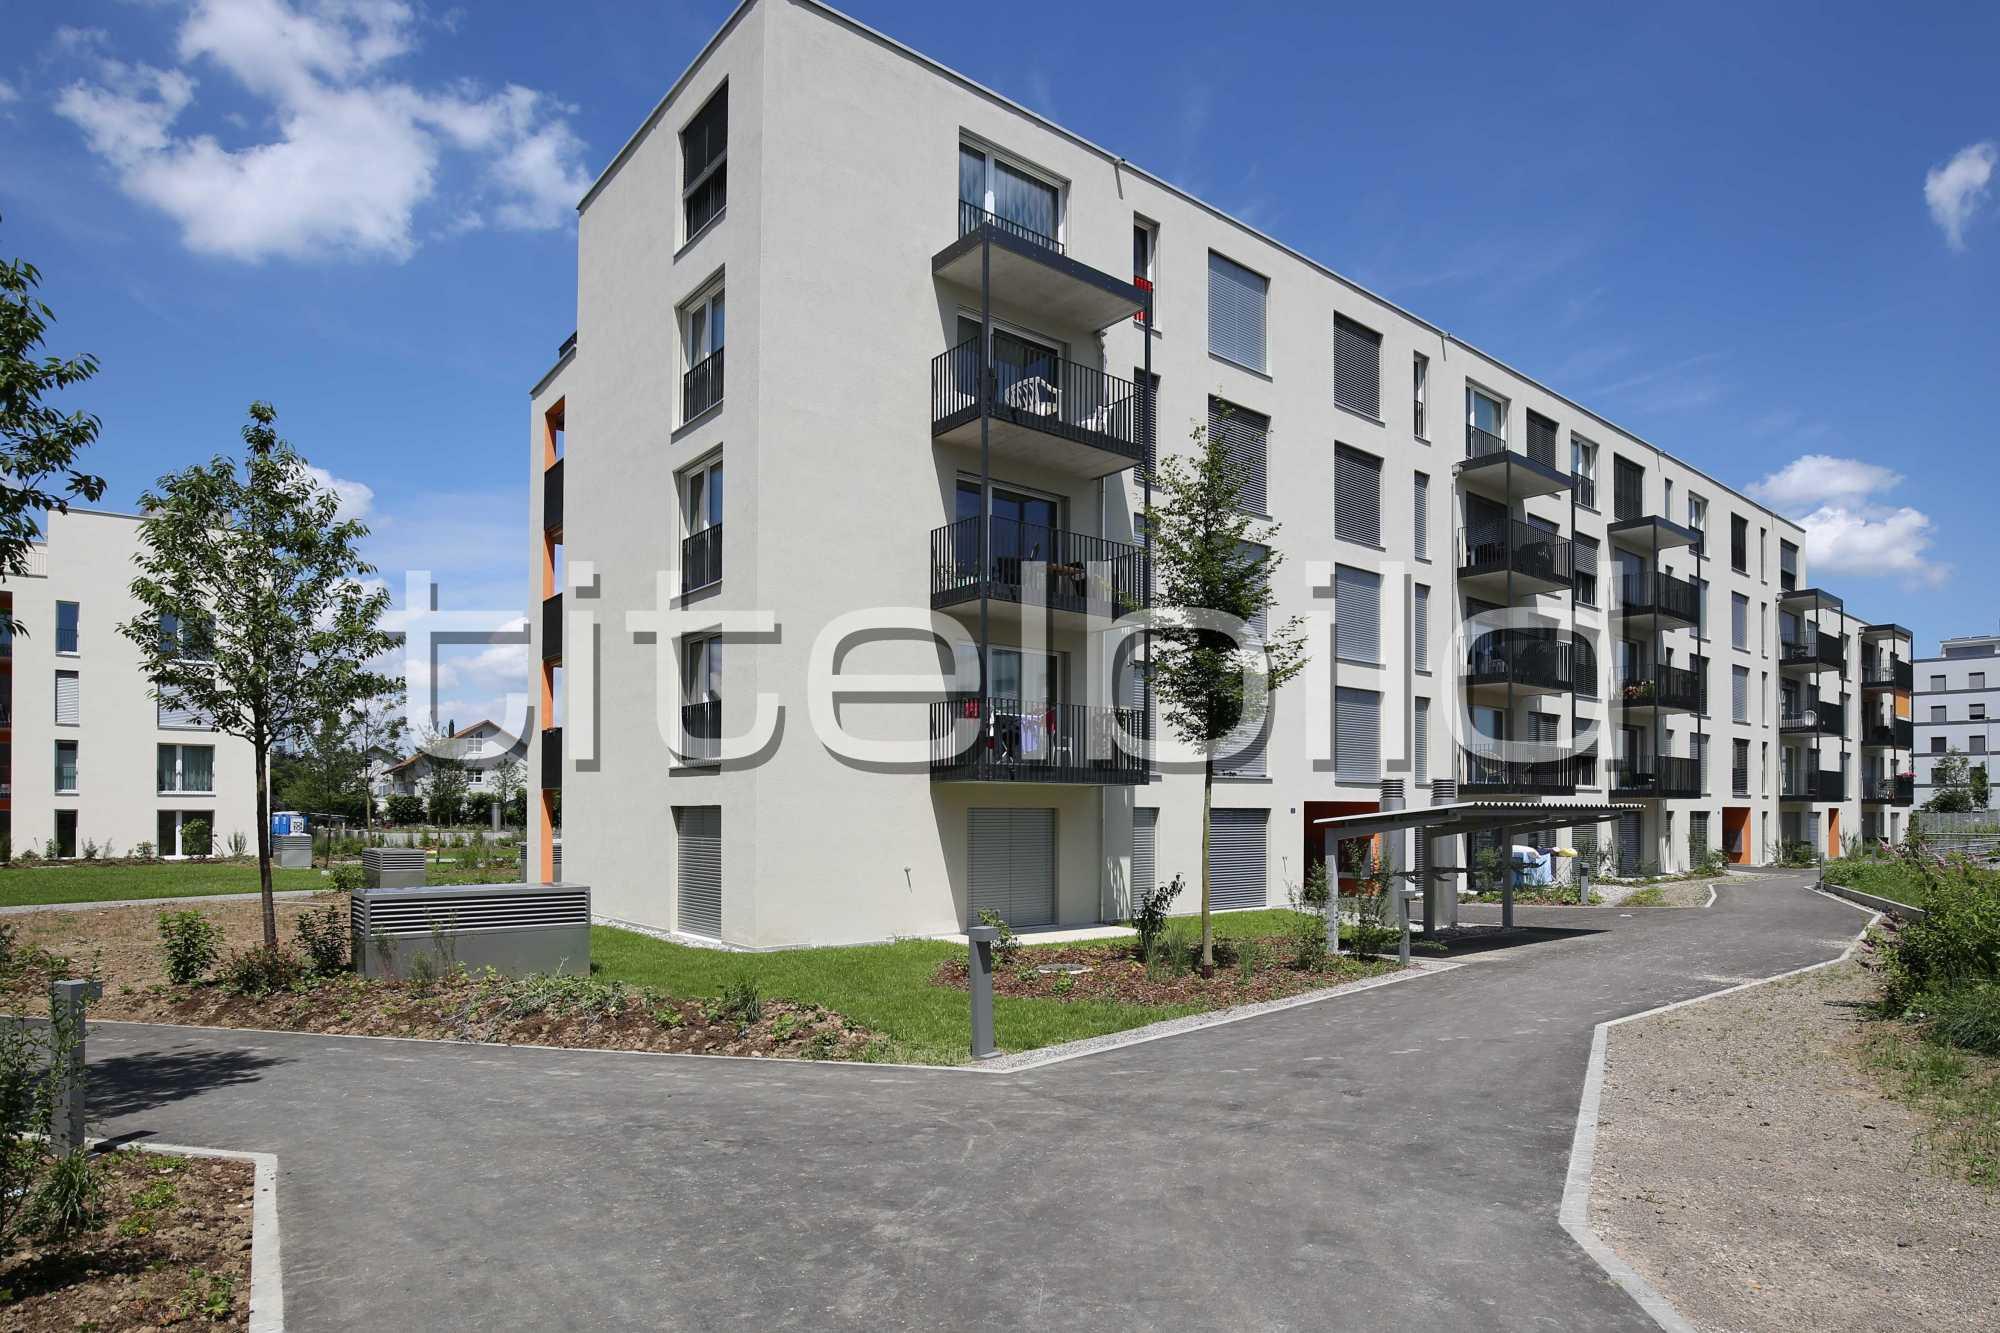 Projektbild-Nr. 1: Sternenfeld